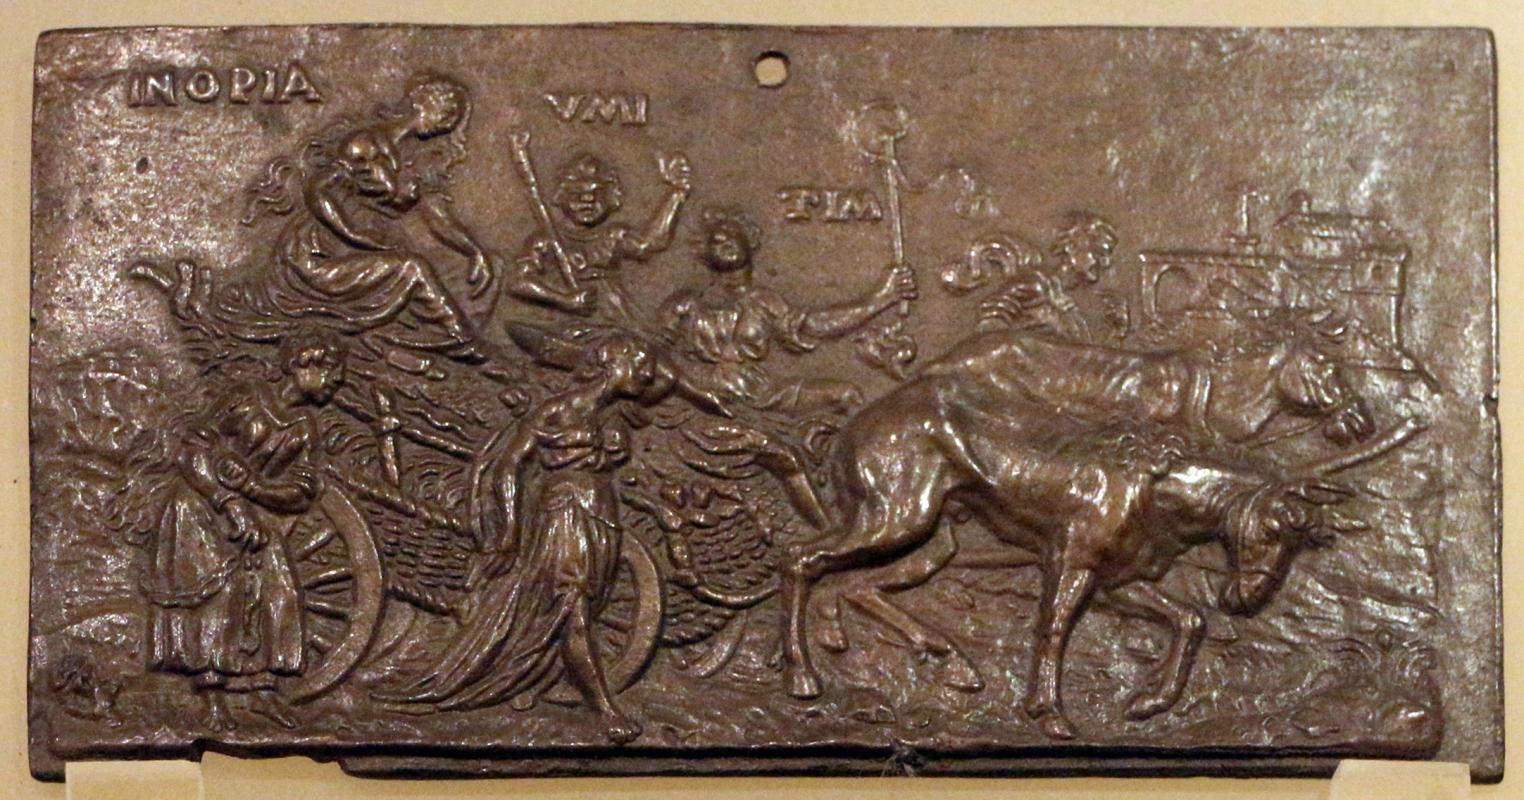 Scuola fiamminga, trionfo della povertà, 1590 ca. 02 - Sailko - Ravenna (RA)